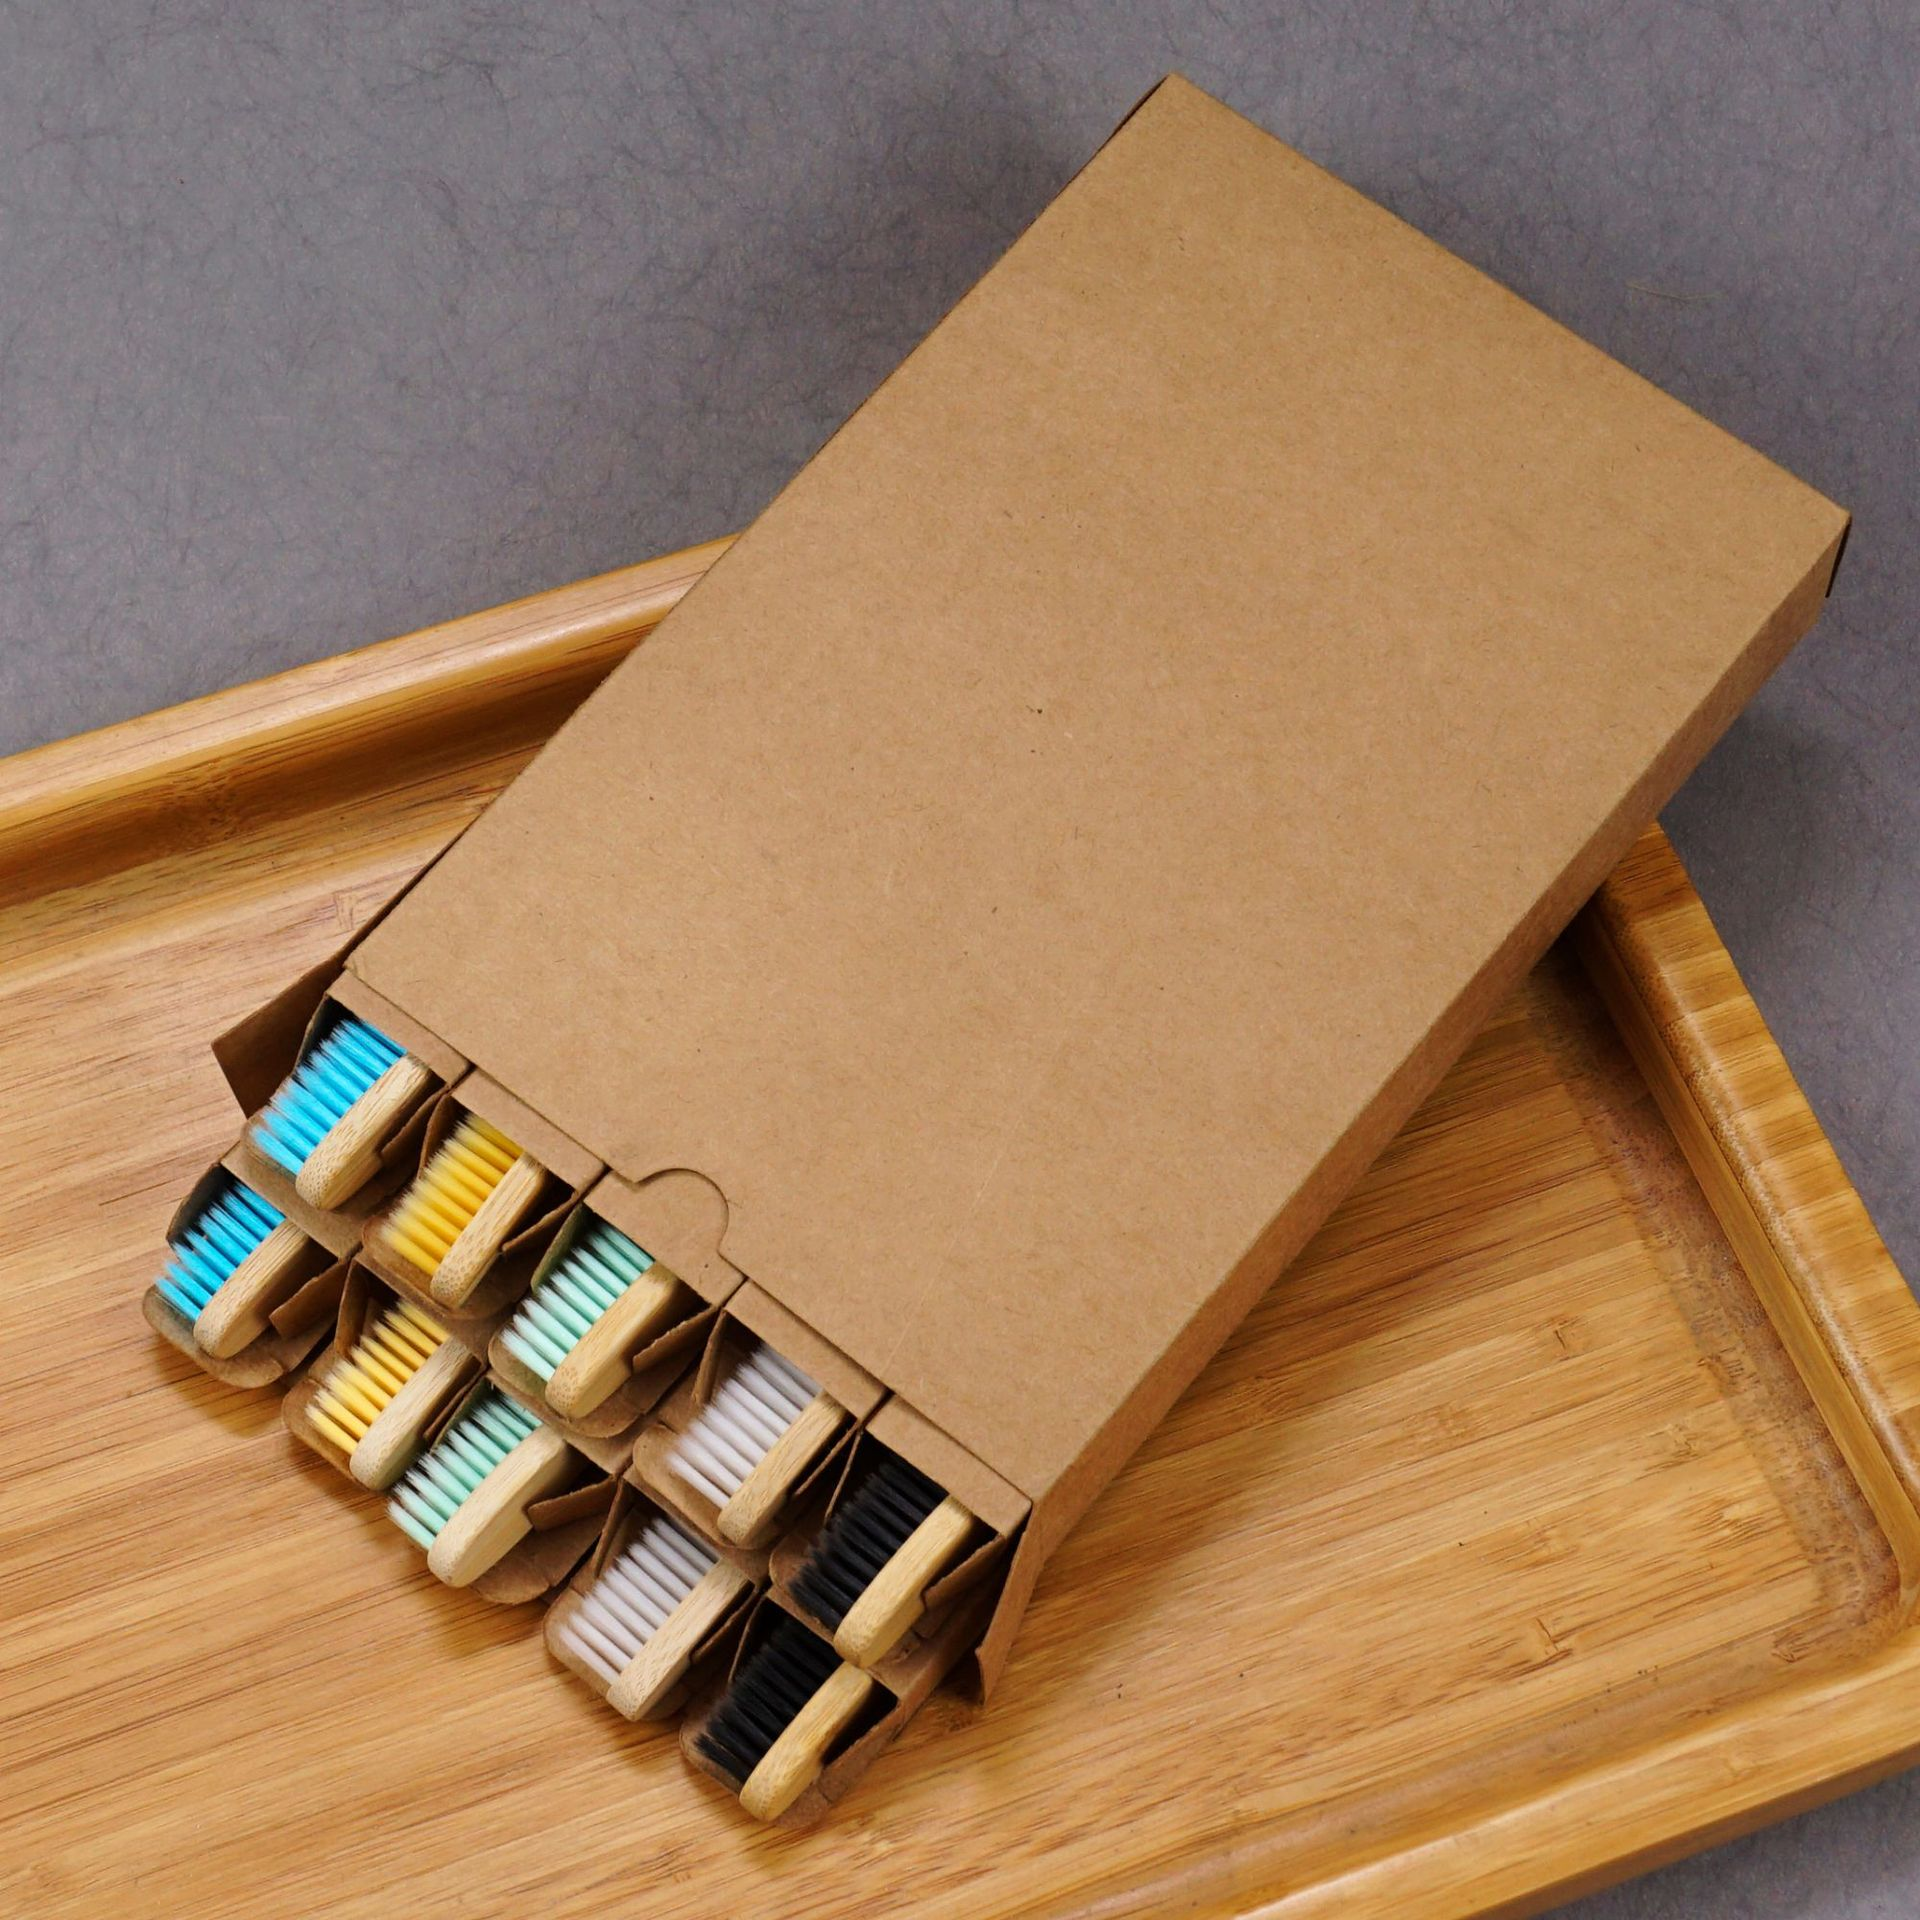 2020 набор зубных щеток для взрослых плоская бамбуковая деревянная цветная бамбуковая мягкая бамбуковая неодноразовая зубная щетка 10